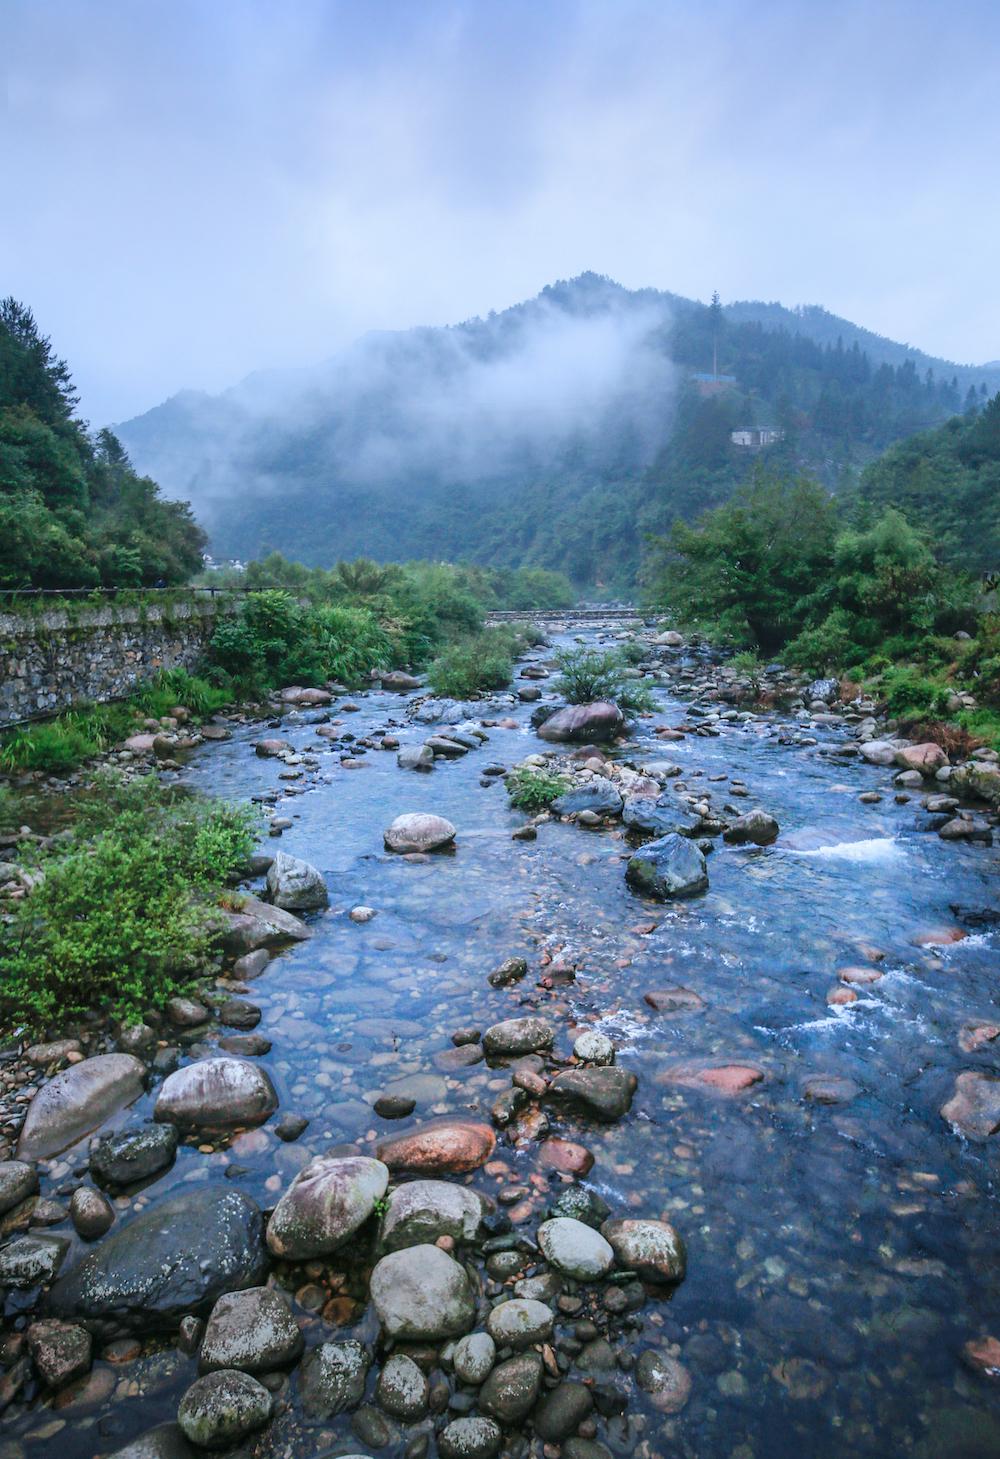 牯牛降景区,山顶云雾飘渺,山下清泉叮咚。 视觉中国 图